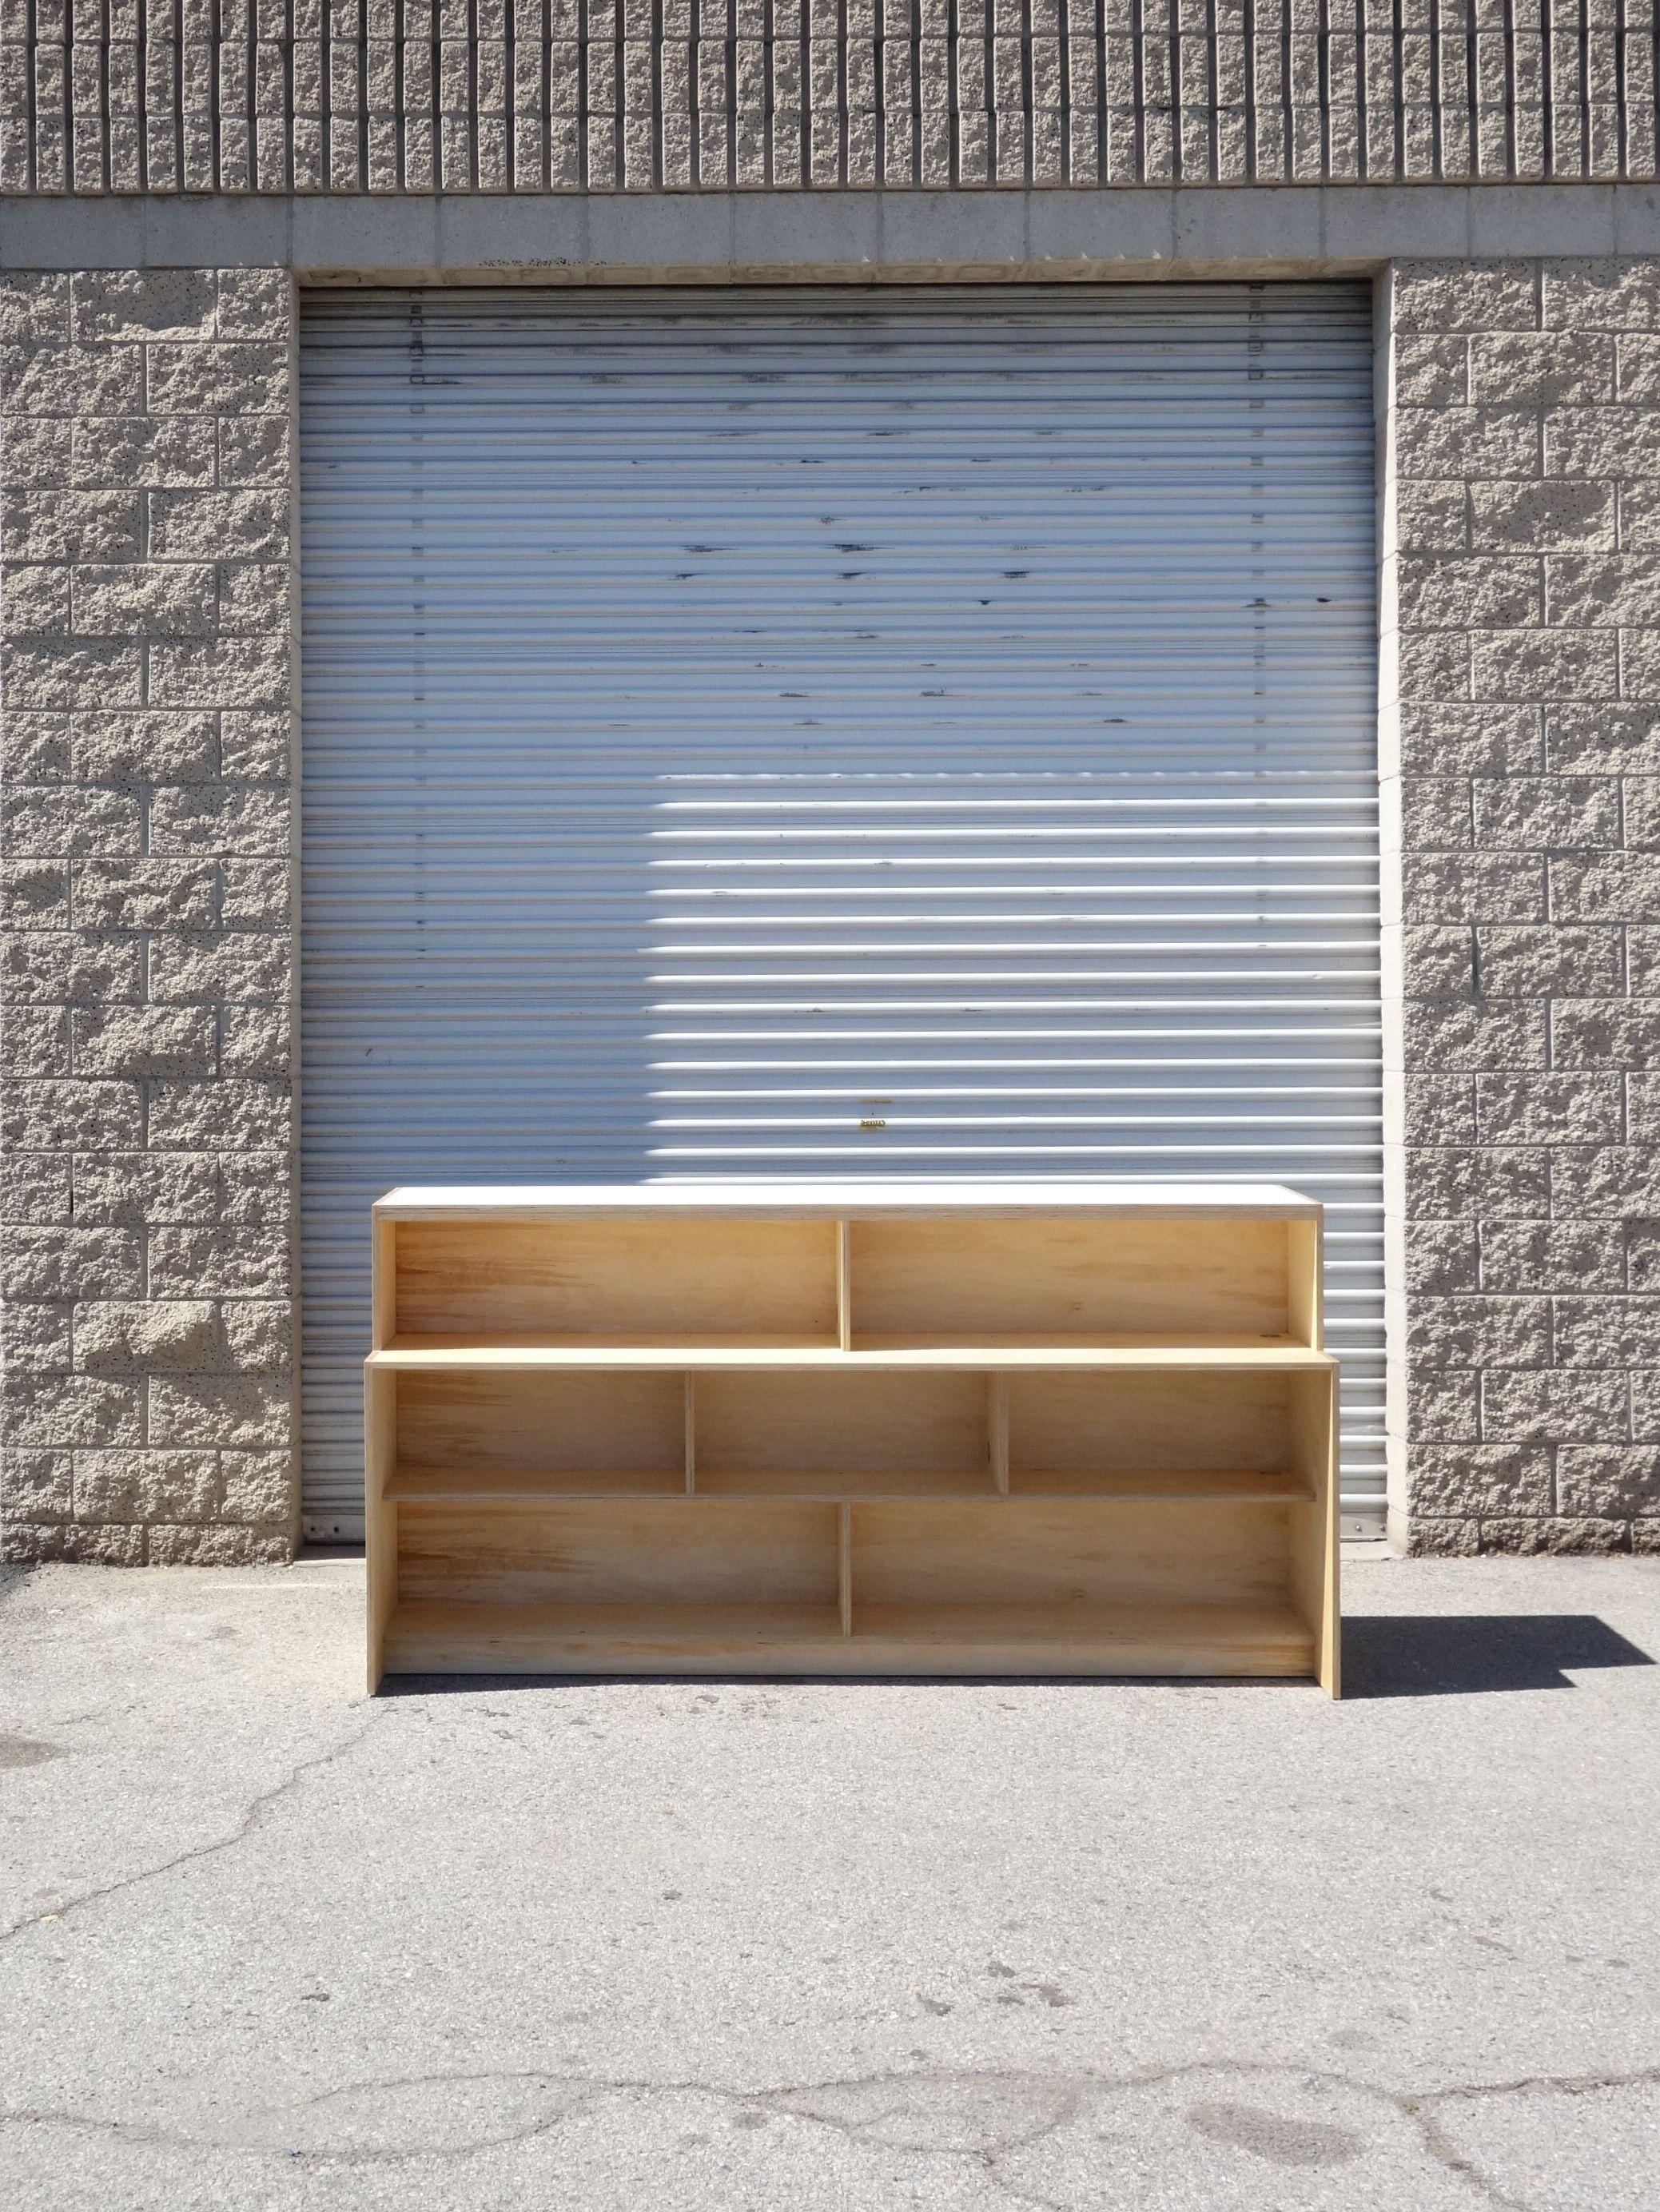 Rebag Madison, NY product image 11